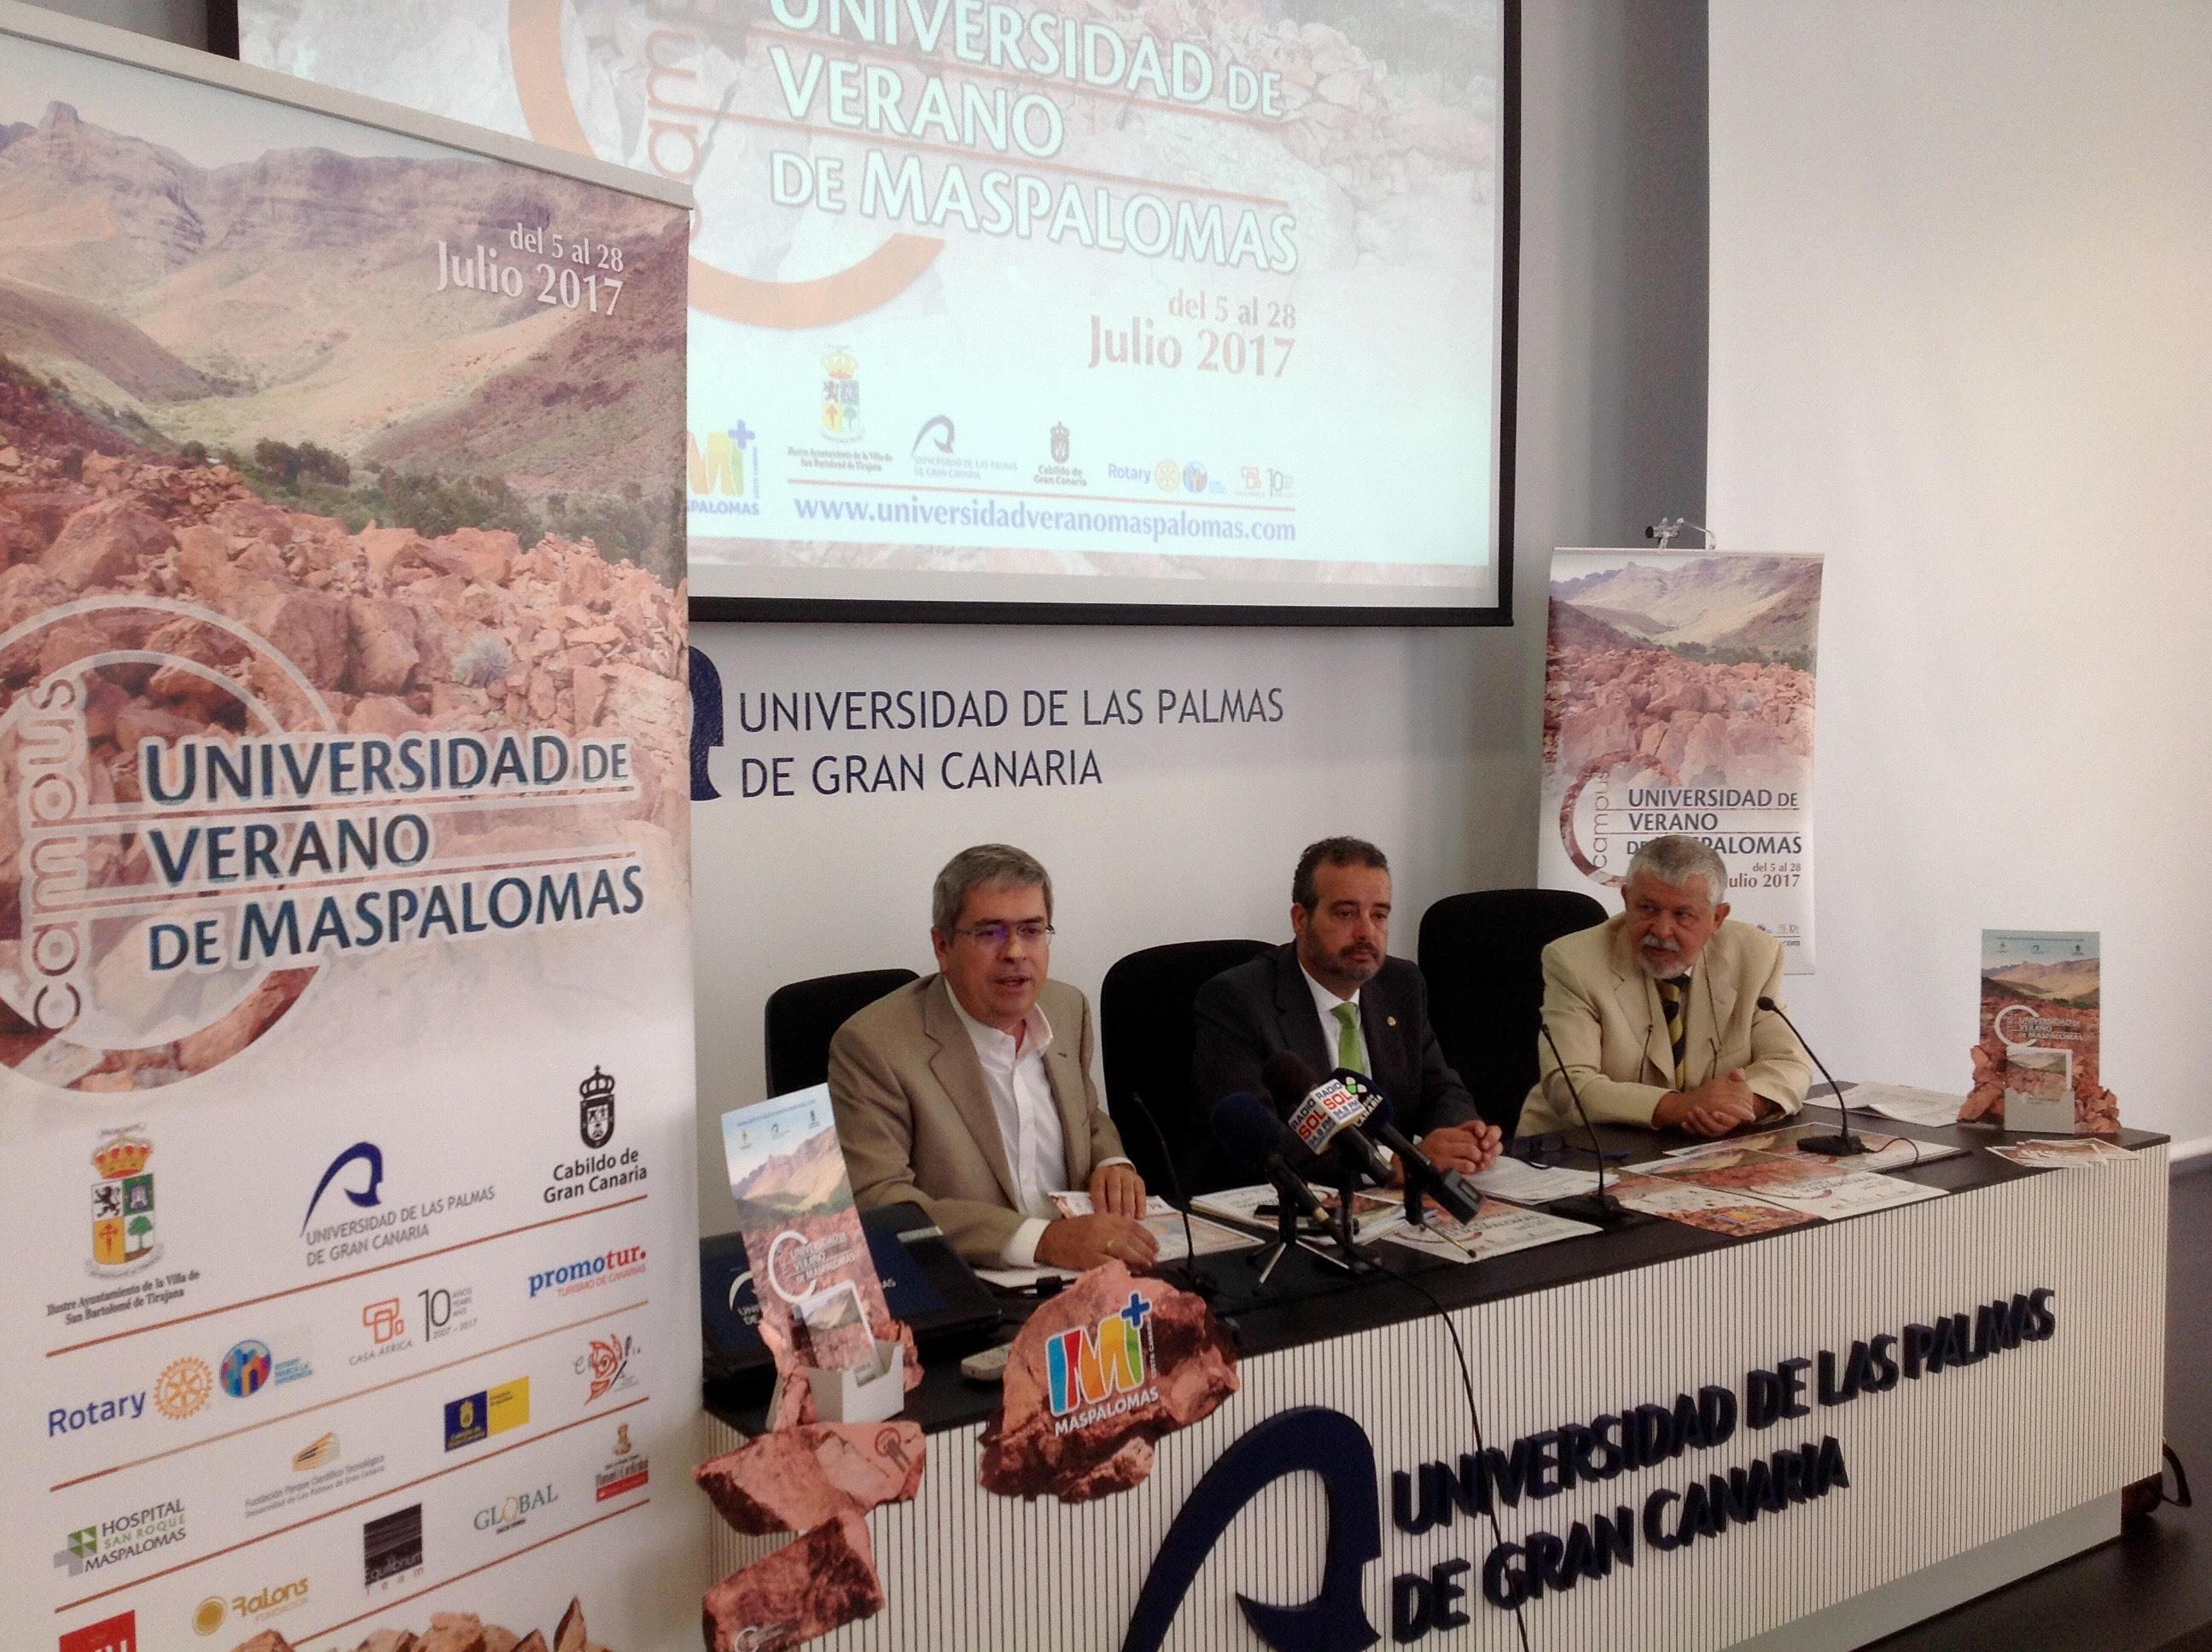 Presentación Universidad de Verano de Maspalomas